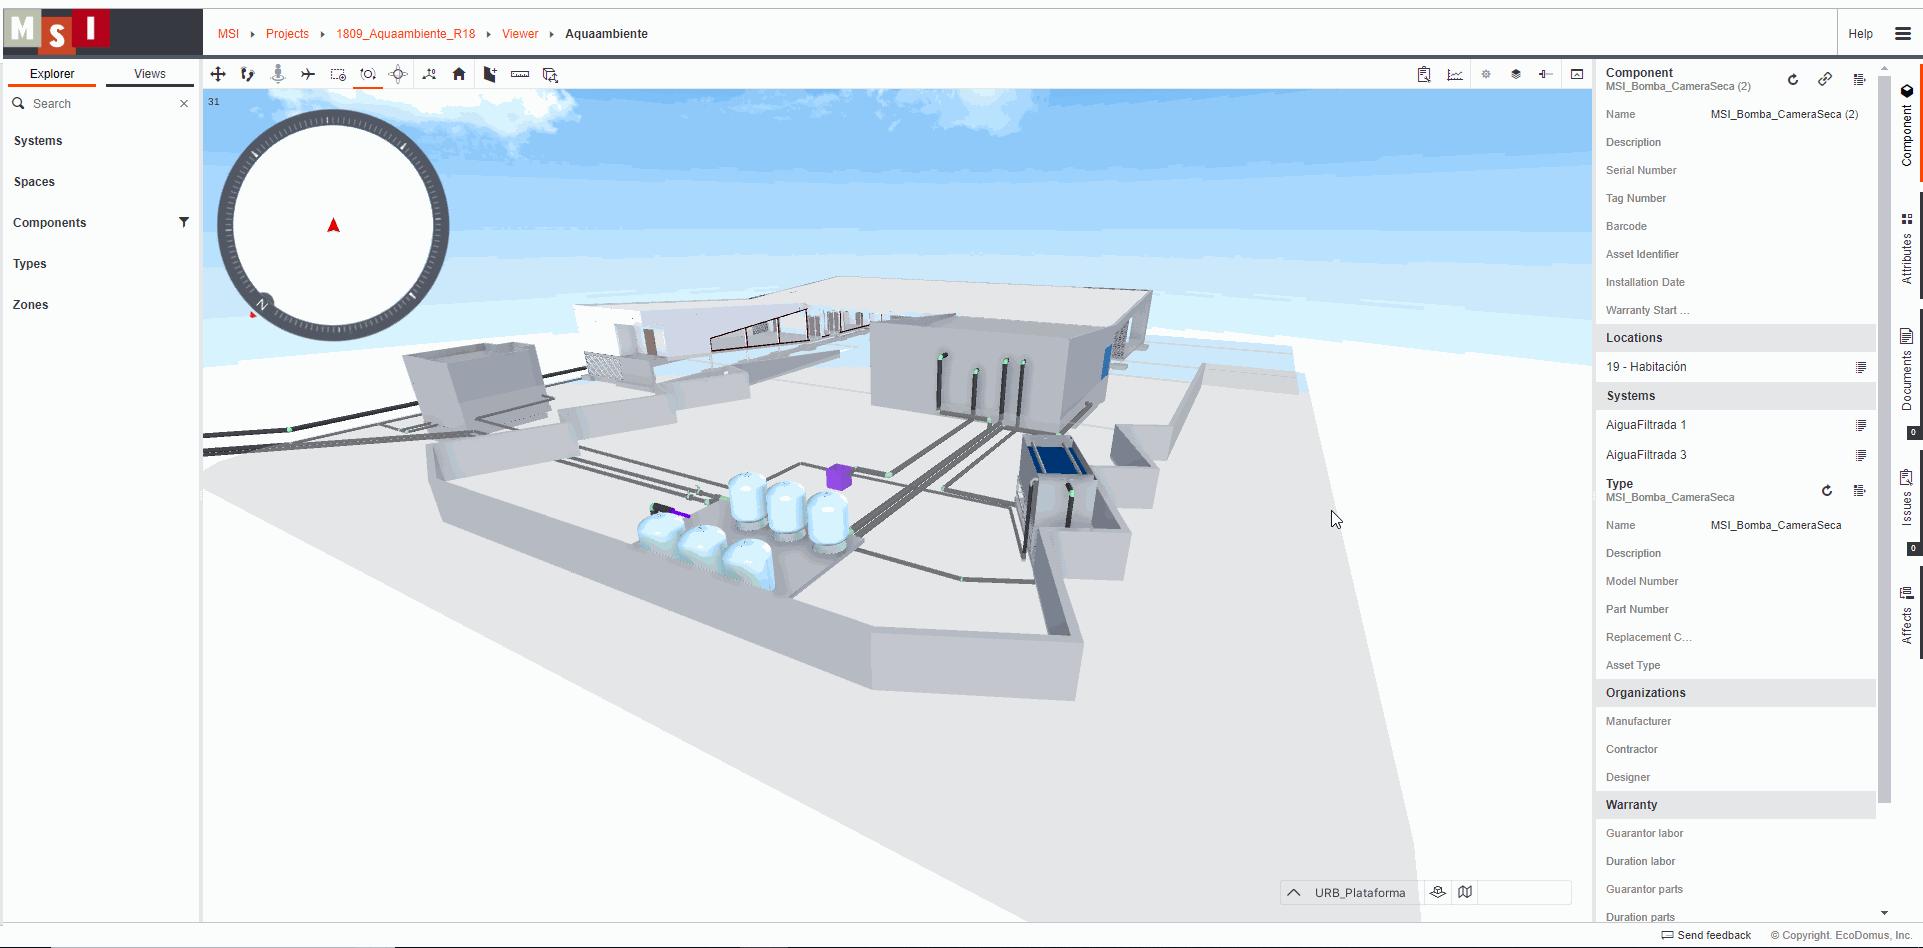 Imagen 3. Interfaz de visualizador 3D de EcoDomus. Fuente propia.